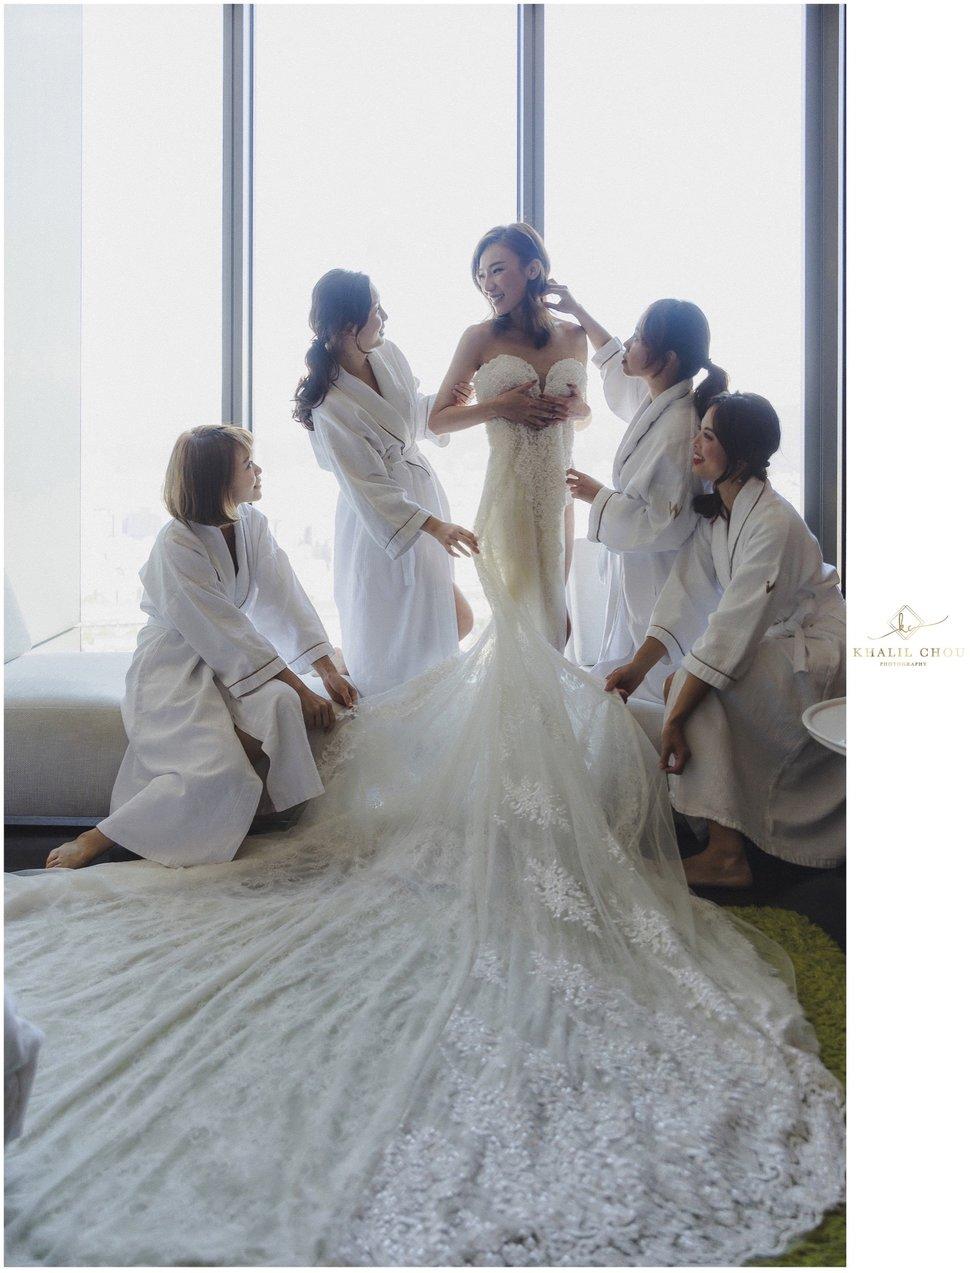 婚禮攝影-7 - Khalil Chou (凱勒·周)《結婚吧》